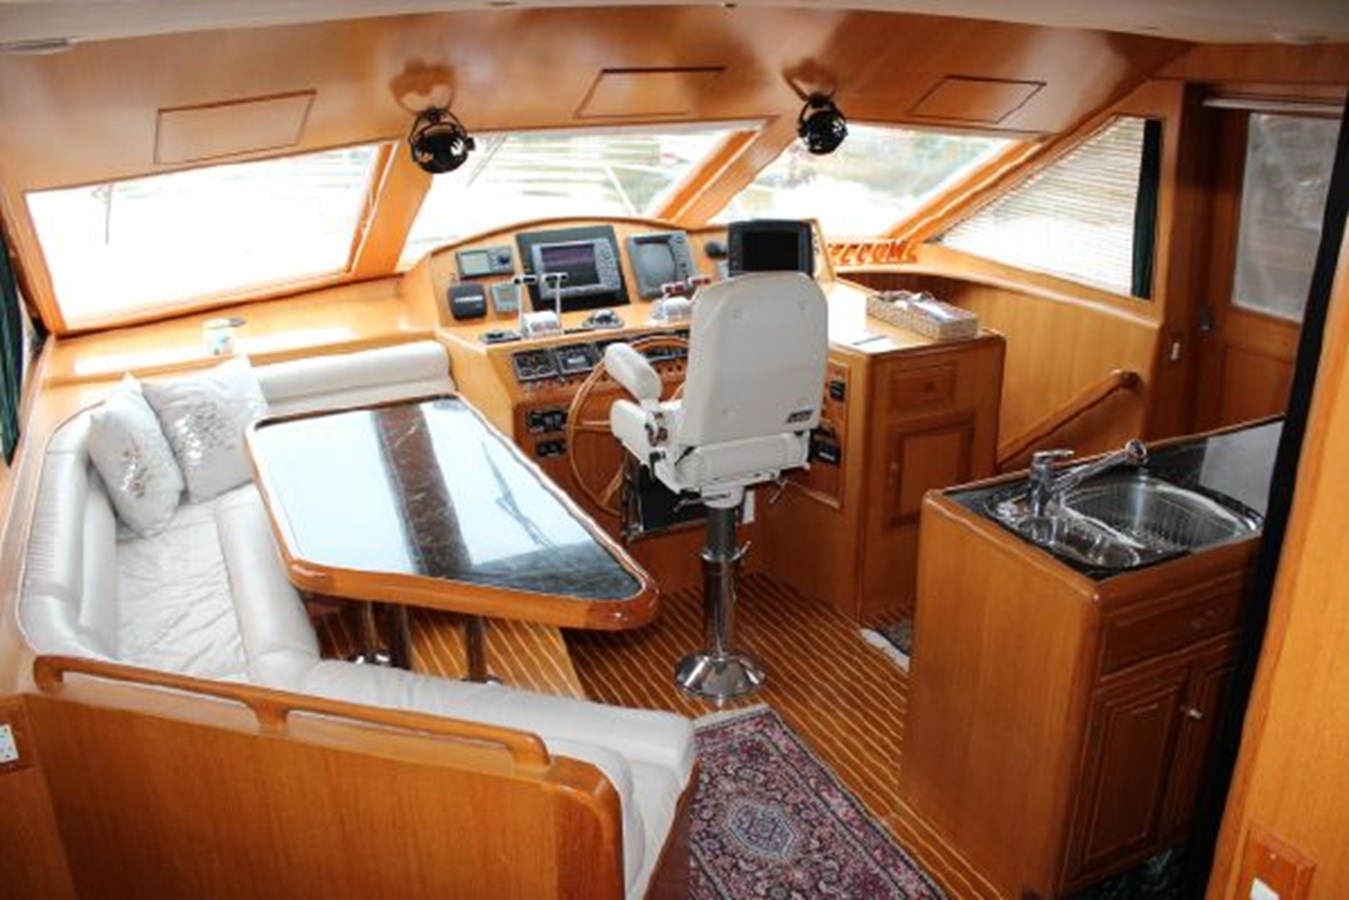 4859061_20141124101416026_1_XLARGE 2000 OCEAN ALEXANDER  Motor Yacht 2837930